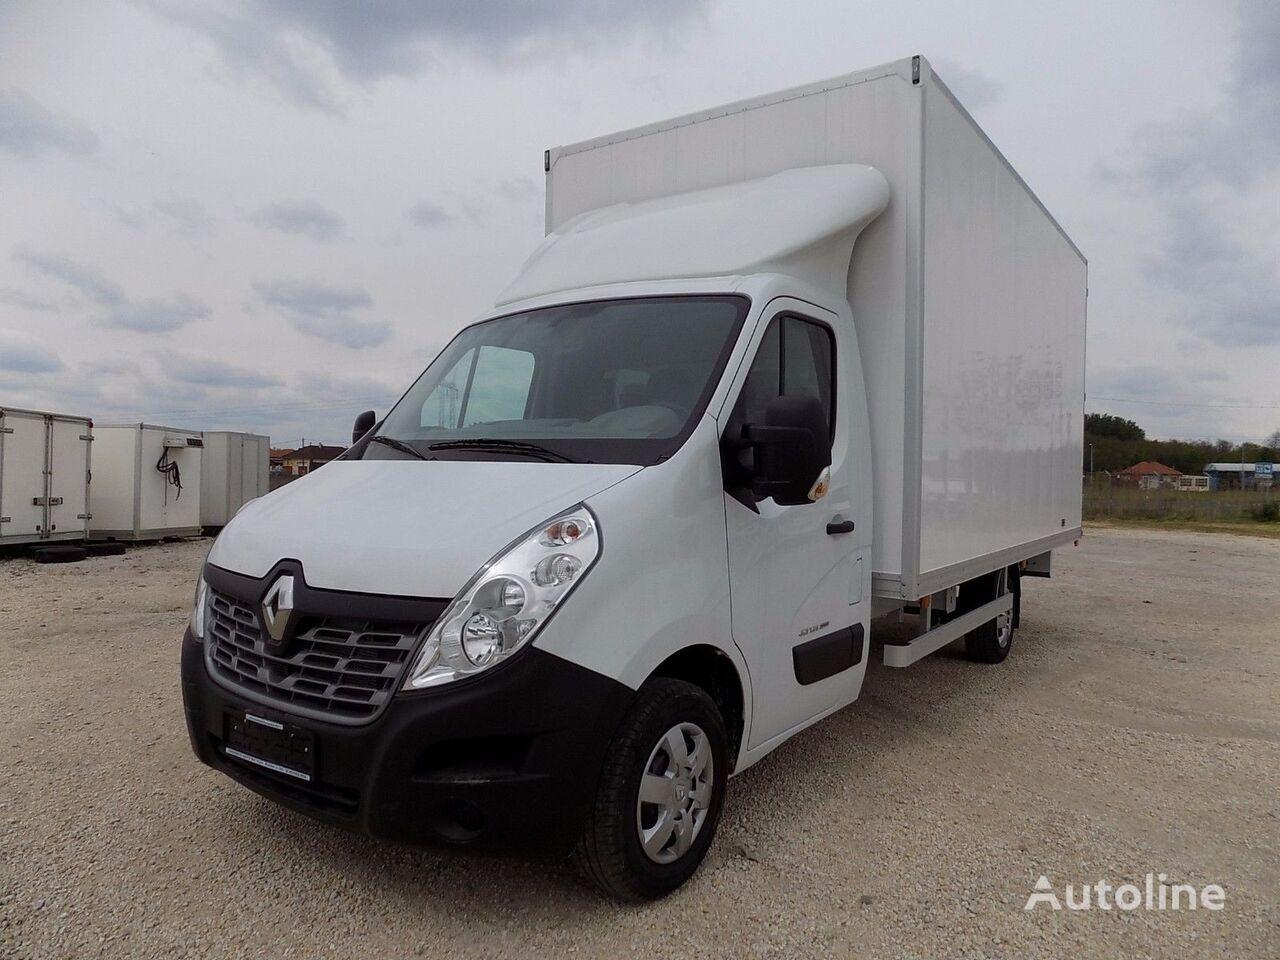 yeni VOLKSWAGEN Crafter XLH2, 15,6m3, 136Ps minibüs panelvan